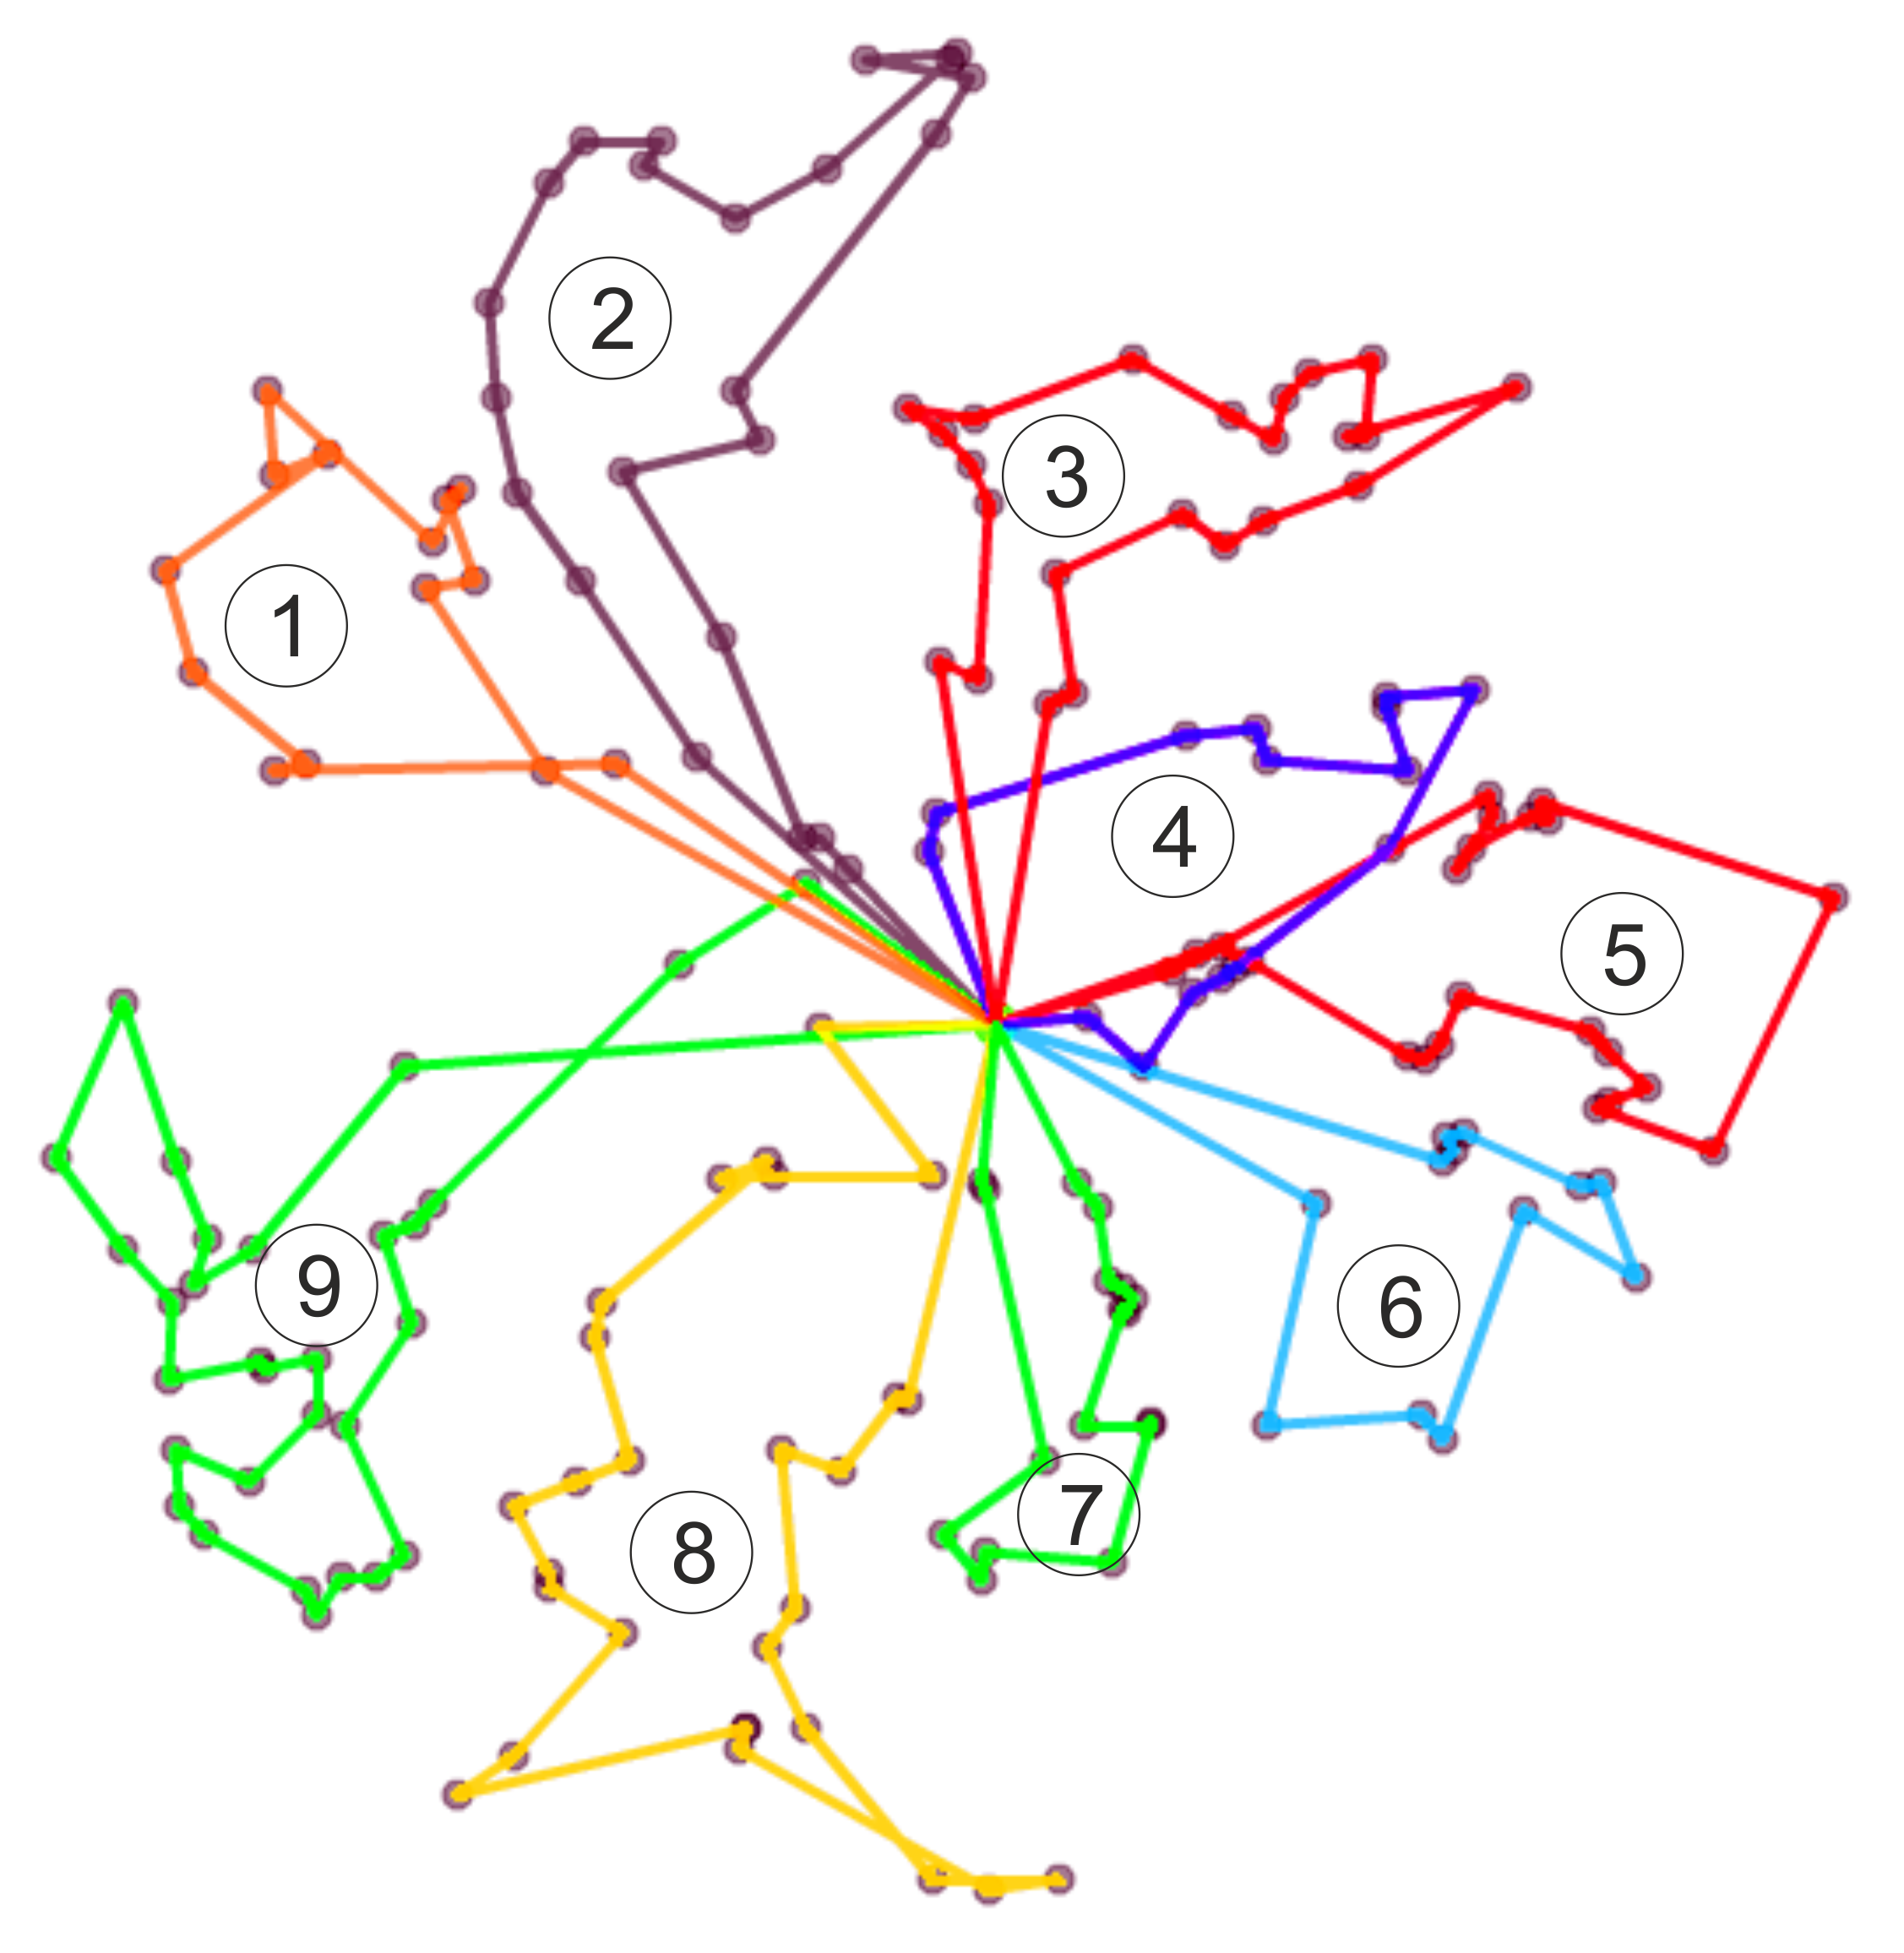 Динамическое планирование маршрутов доставки с учетом статистики